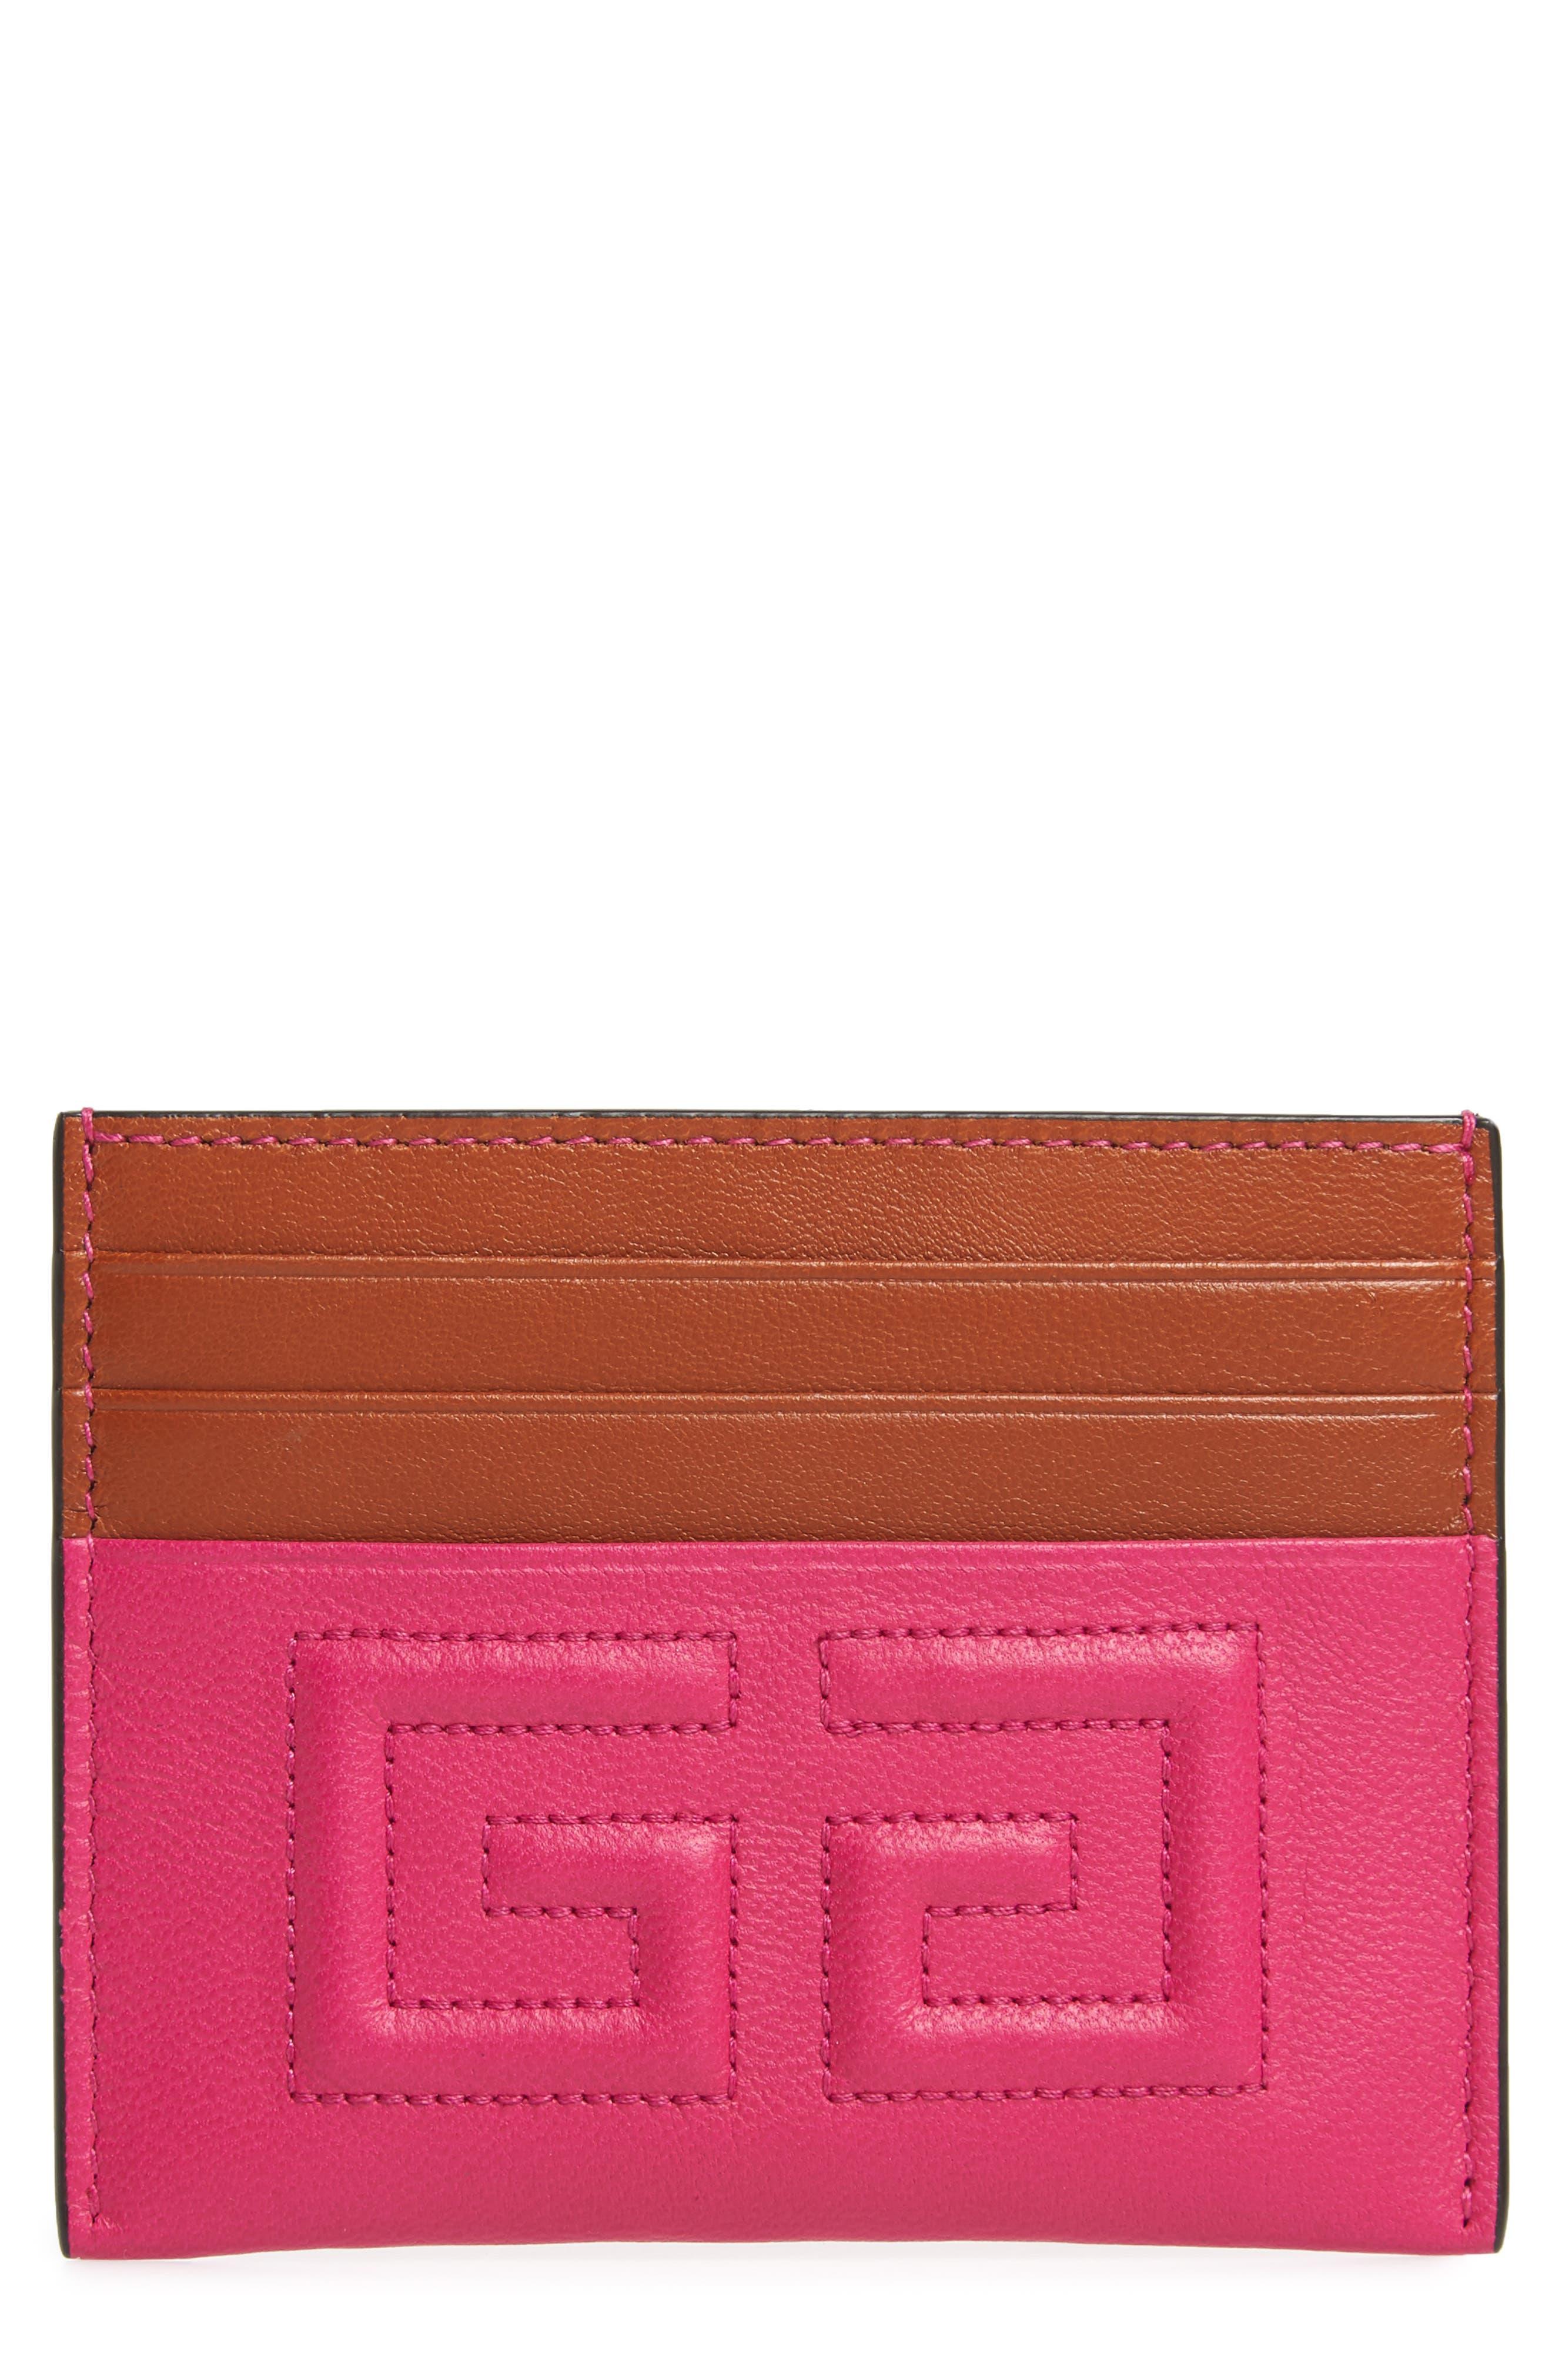 Emblem Leather Card Case, Main, color, CYCLAMEN